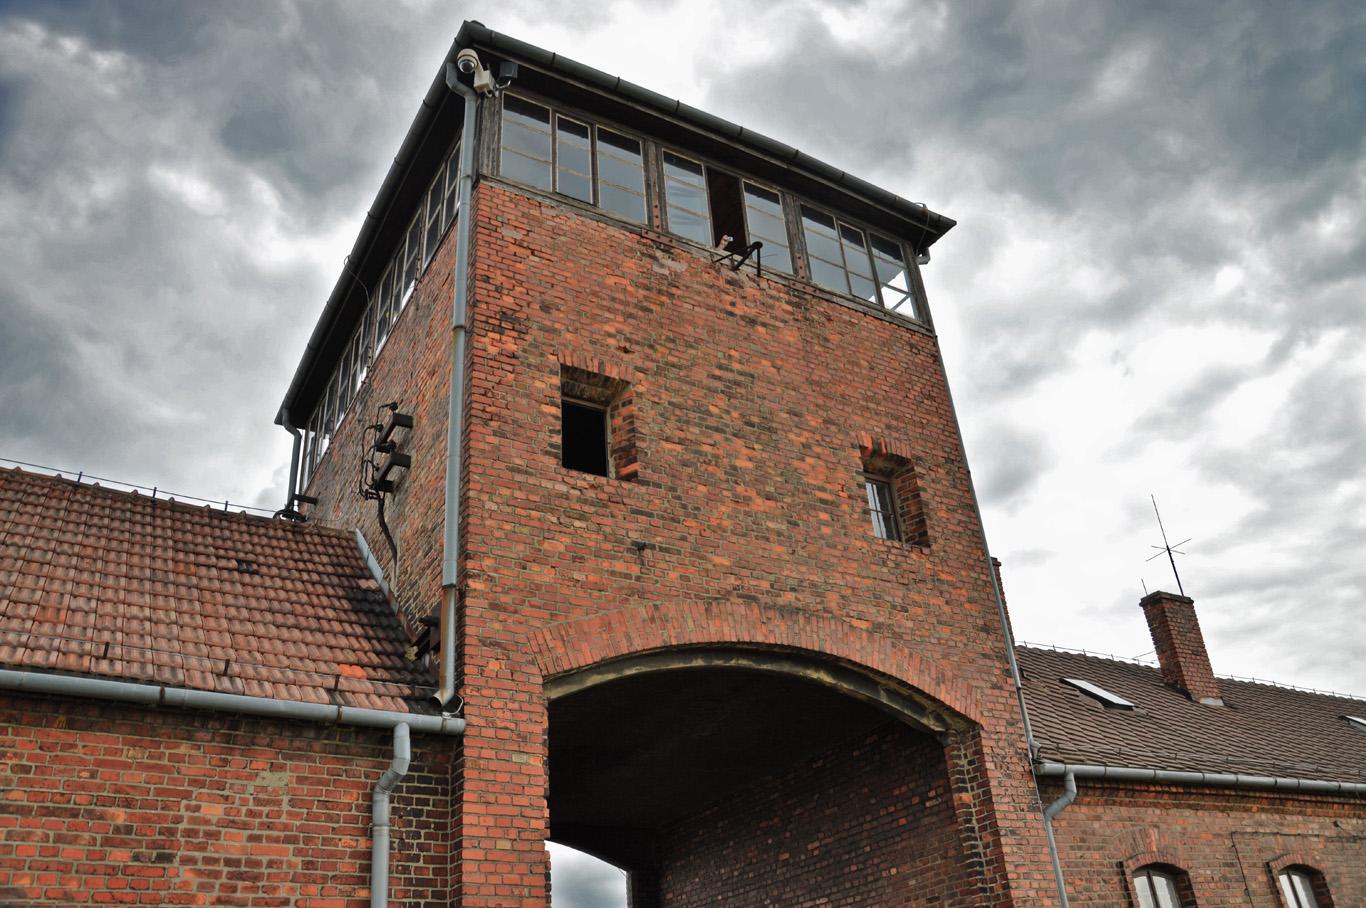 Guard tower in Birkenau